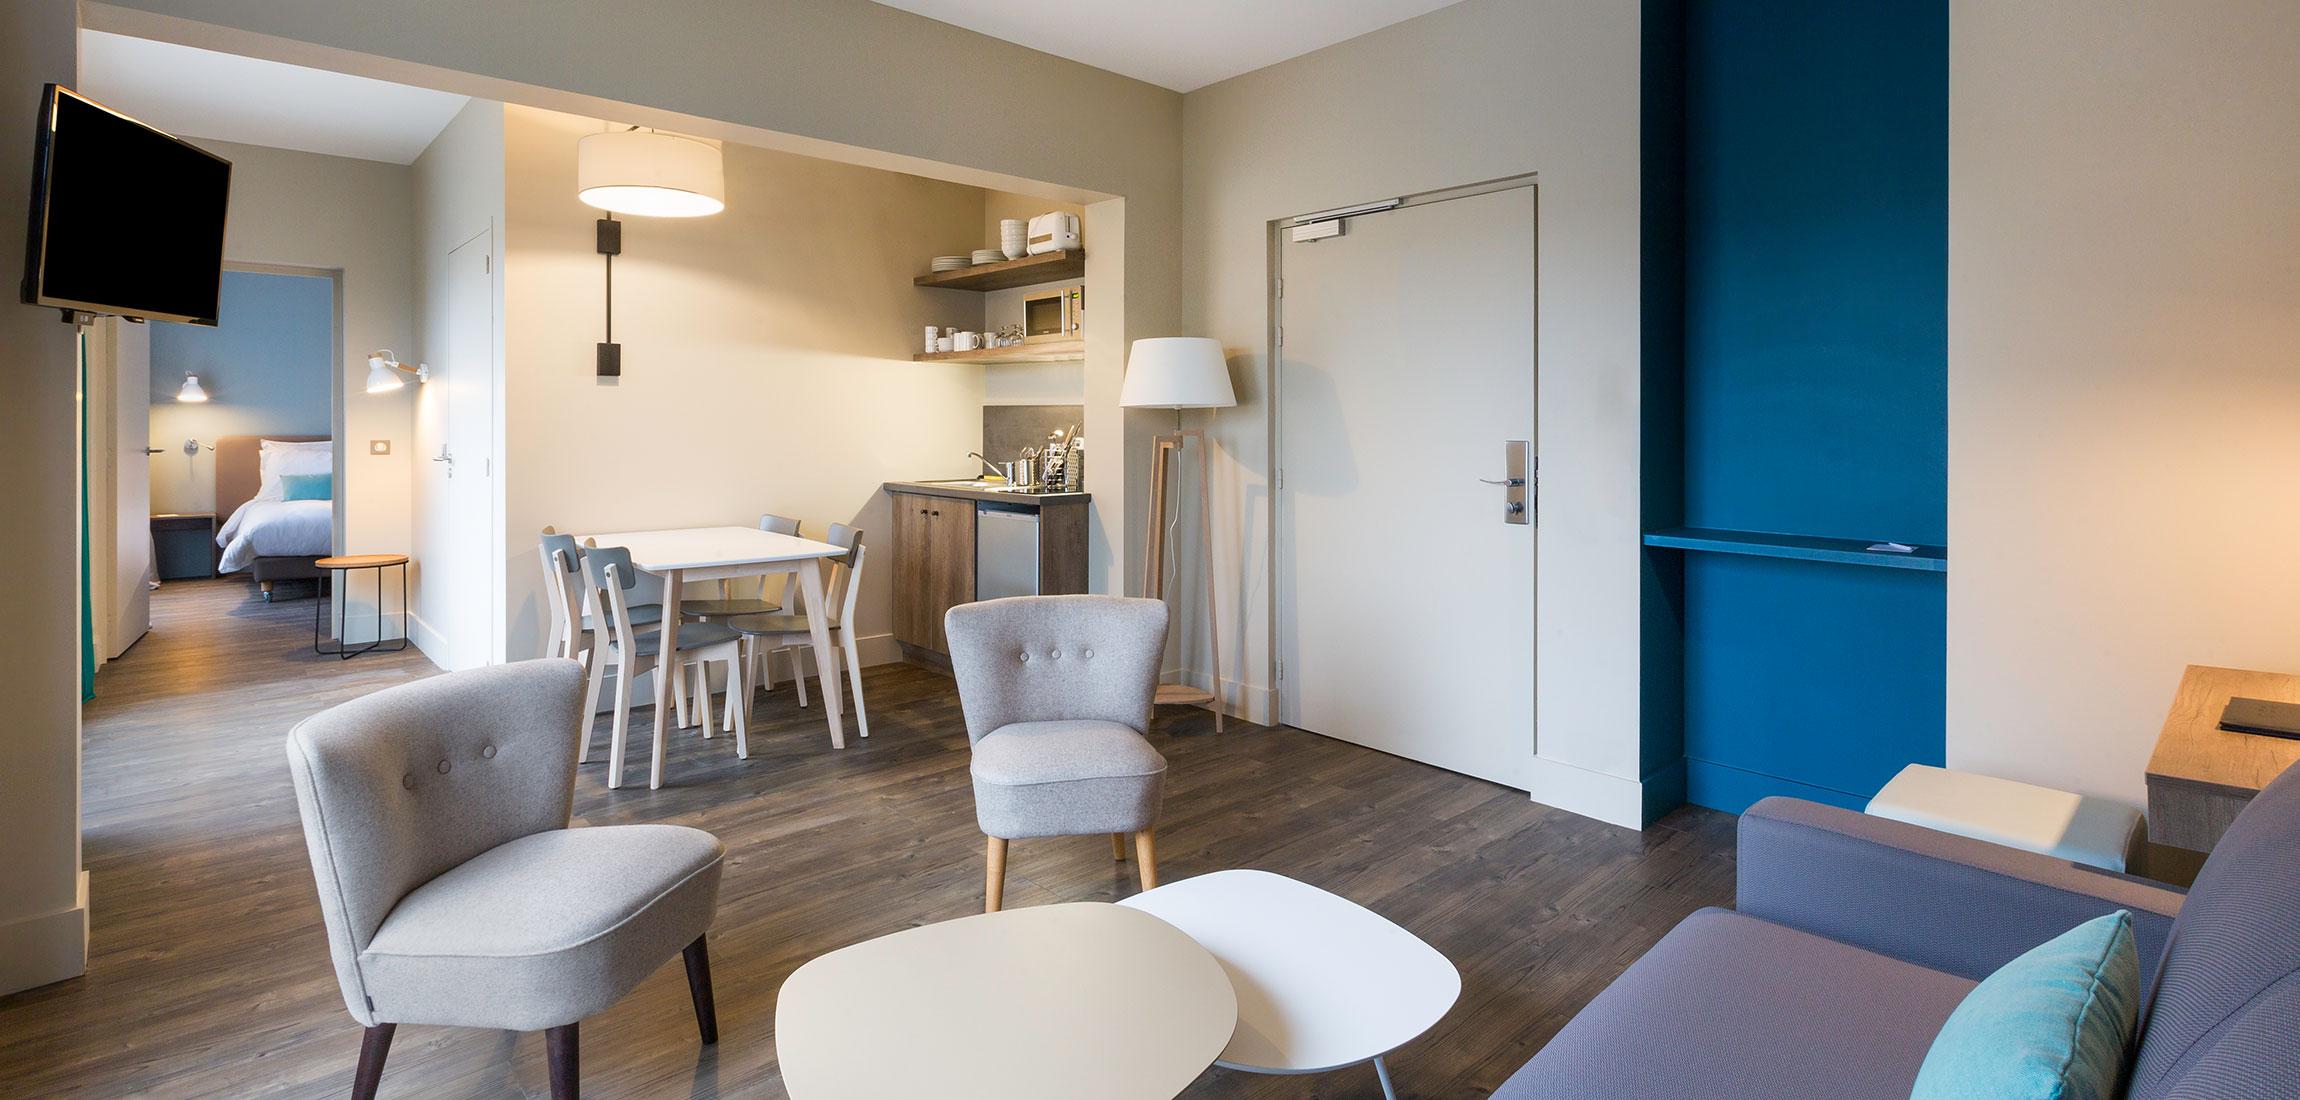 Porte Western Pour Salle De Bain ~ nouveaux appartements best western orl ans ouest meung sur loire